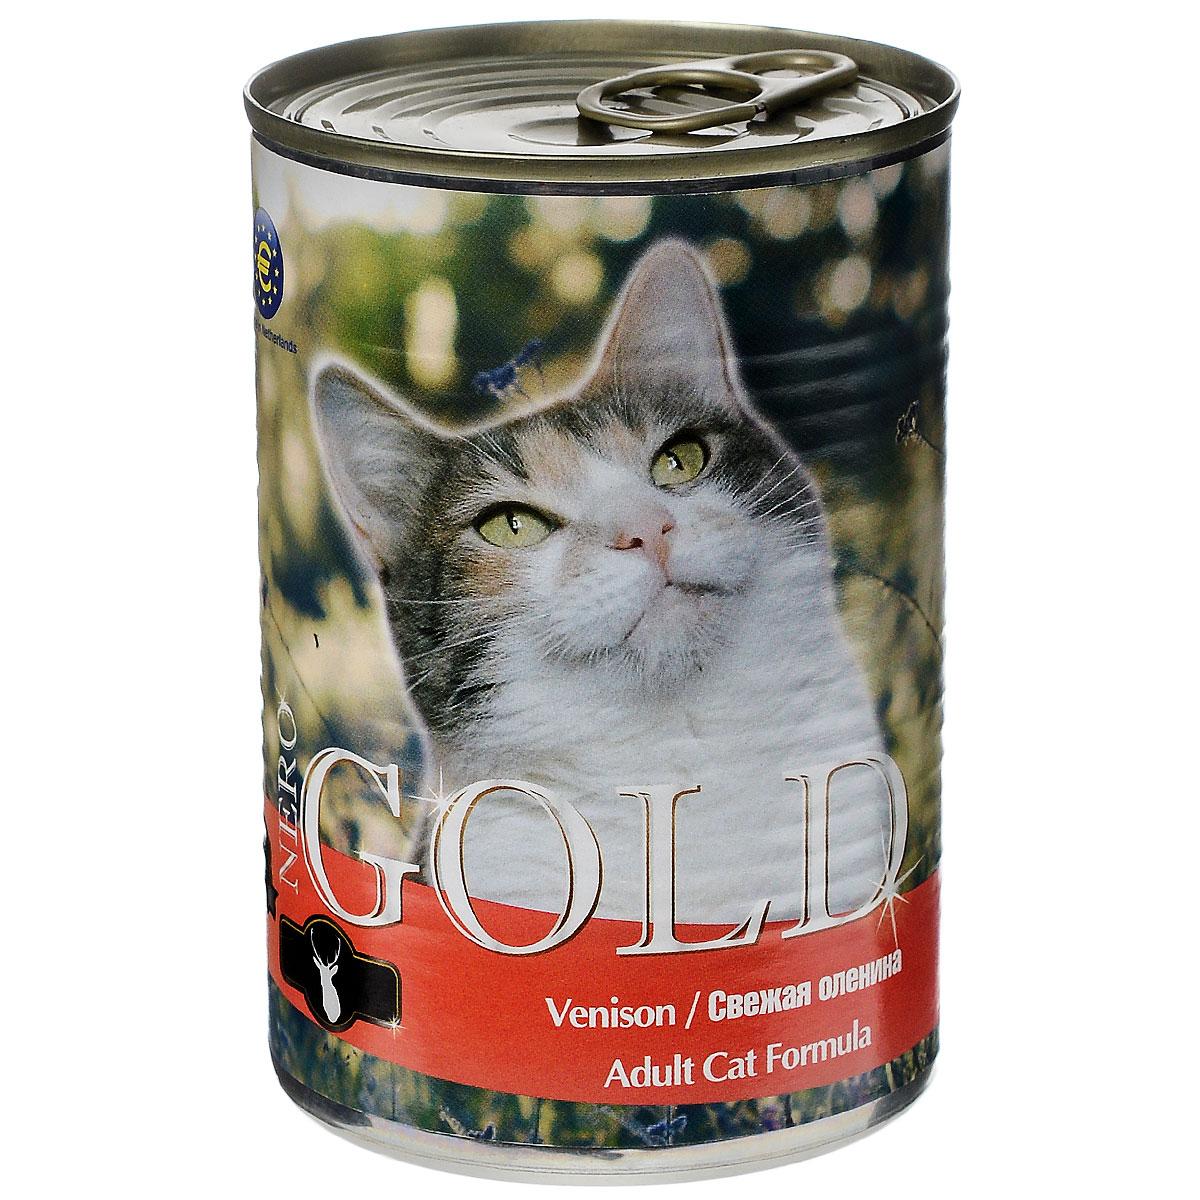 Консервы для кошек Nero Gold, свежая оленина, 410 г24484Консервы для кошек Nero Gold - полнорационный продукт, содержащий все необходимые витамины и минералы, сбалансированный для поддержания оптимального здоровья вашего питомца! Состав: мясо и его производные, филе курицы, оленина, злаки, витамины и минералы. Гарантированный анализ: белки 6%, жиры 4,5%, клетчатка 0,5%, зола 2%, влага 81%. Пищевые добавки на 1 кг продукта: витамин А 1600 МЕ, витамин D 140 МЕ, витамин Е 10 МЕ, таурин 300 мг, железо 24 мг, марганец 6 мг, цинк 15 мг, медь 1 мг, магний 200 мг, йод 0,3 мг, селен 0,2 мг.Вес: 410 г. Товар сертифицирован.